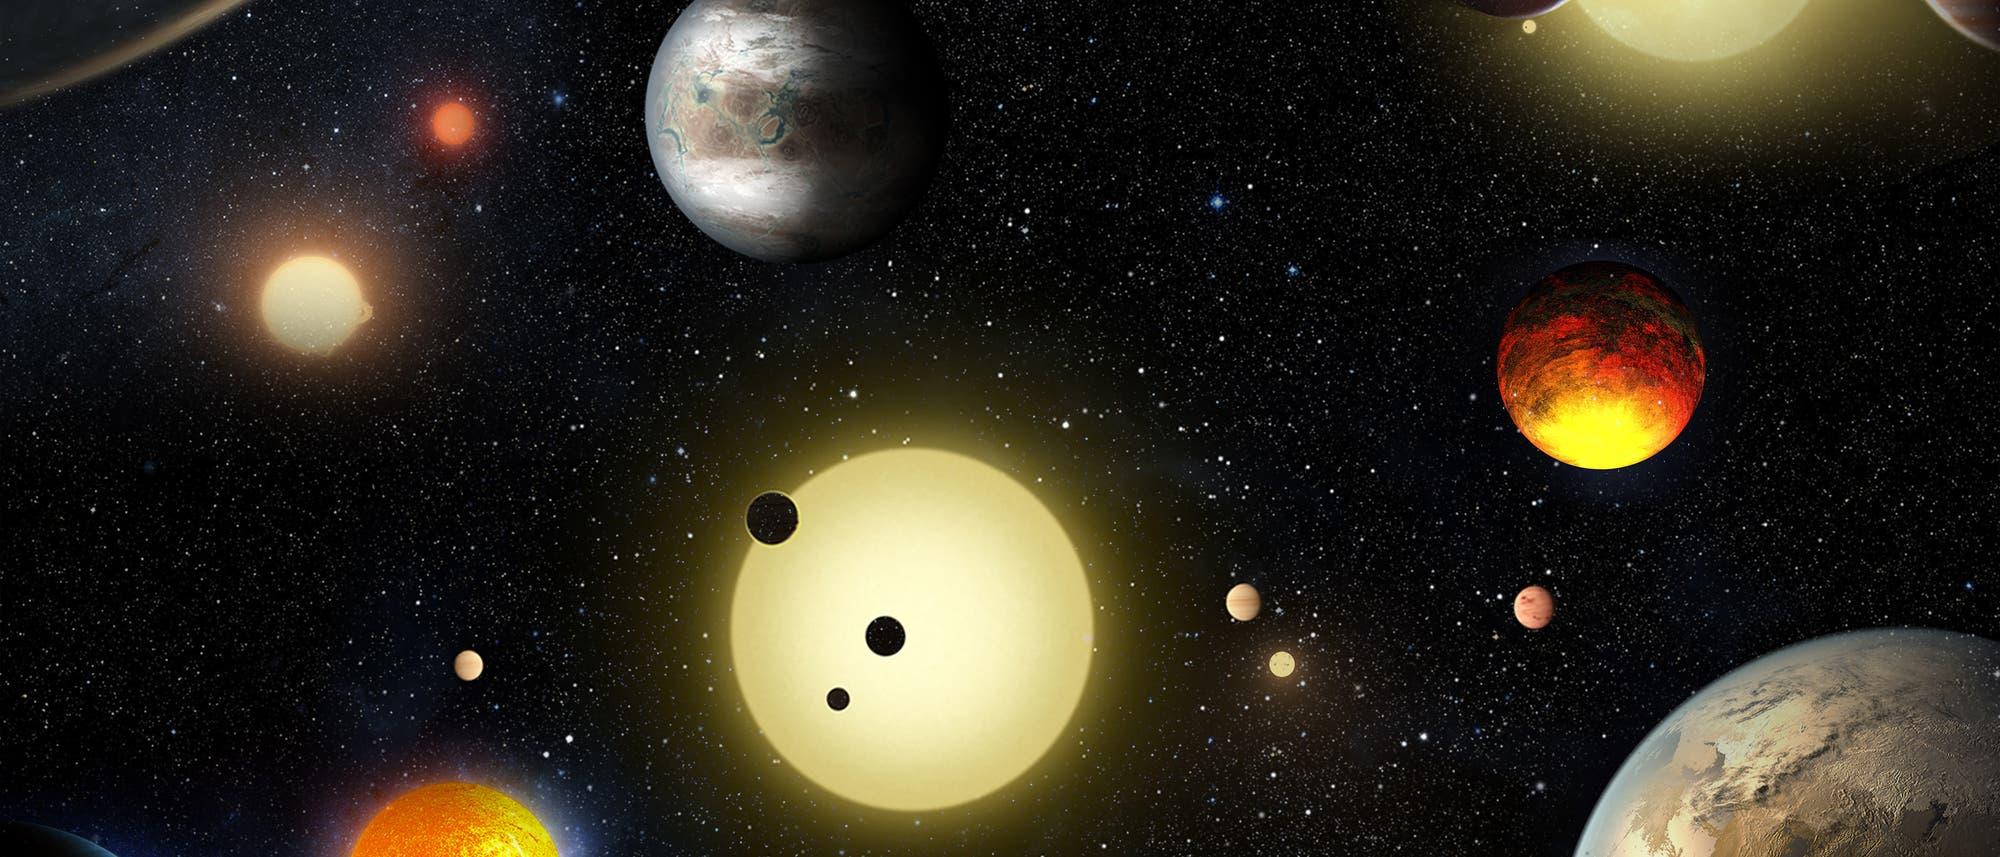 Astronomen haben schon zahlreiche Exoplaneten aufgespürt, aber noch keine zweite Erde.